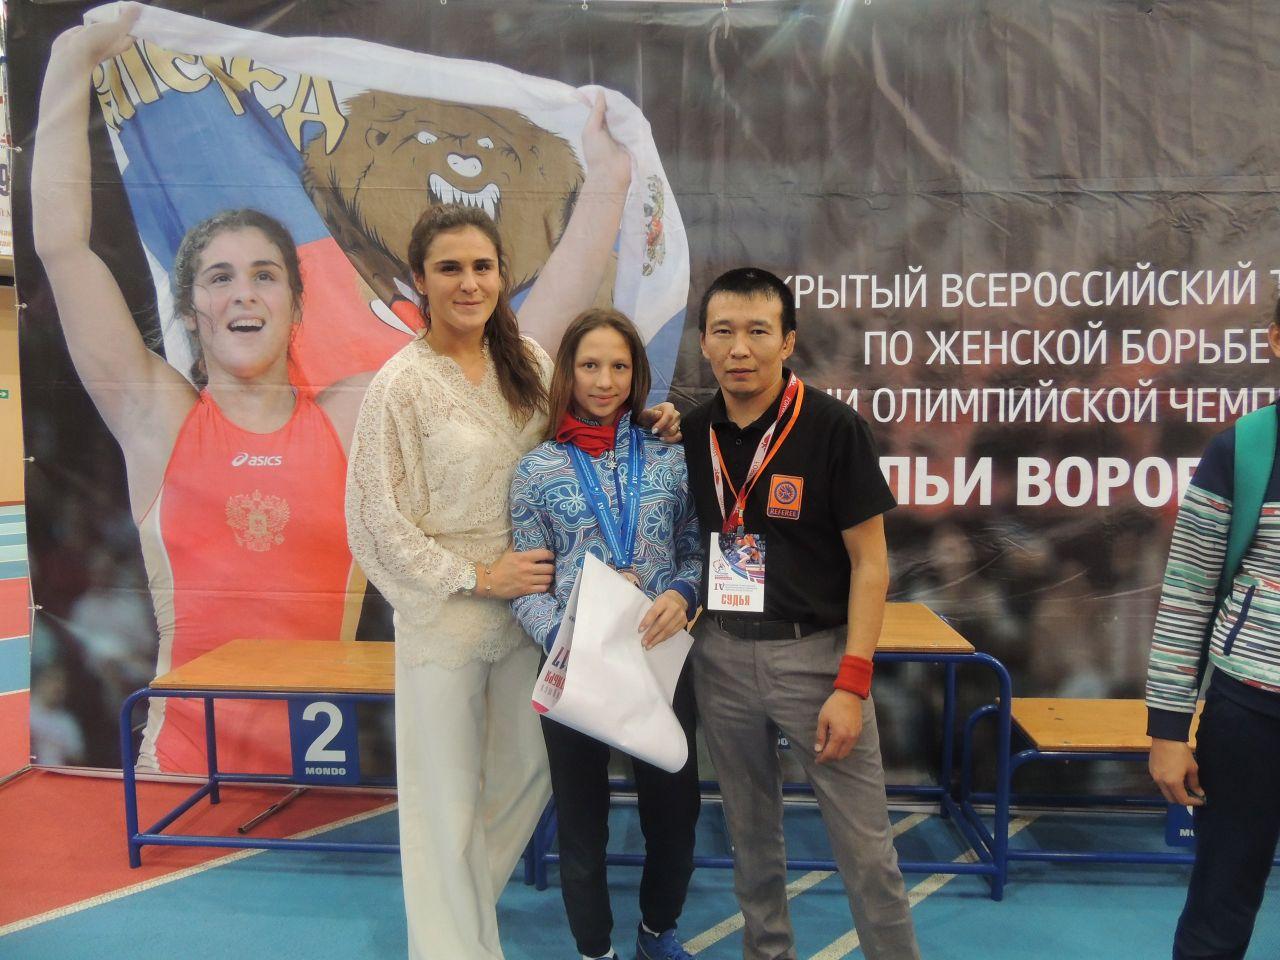 Бронзовую медаль всероссийского турнира по женской вольной борьбе завоевала воспитанница Качугской детско – юношеской спортивной школы